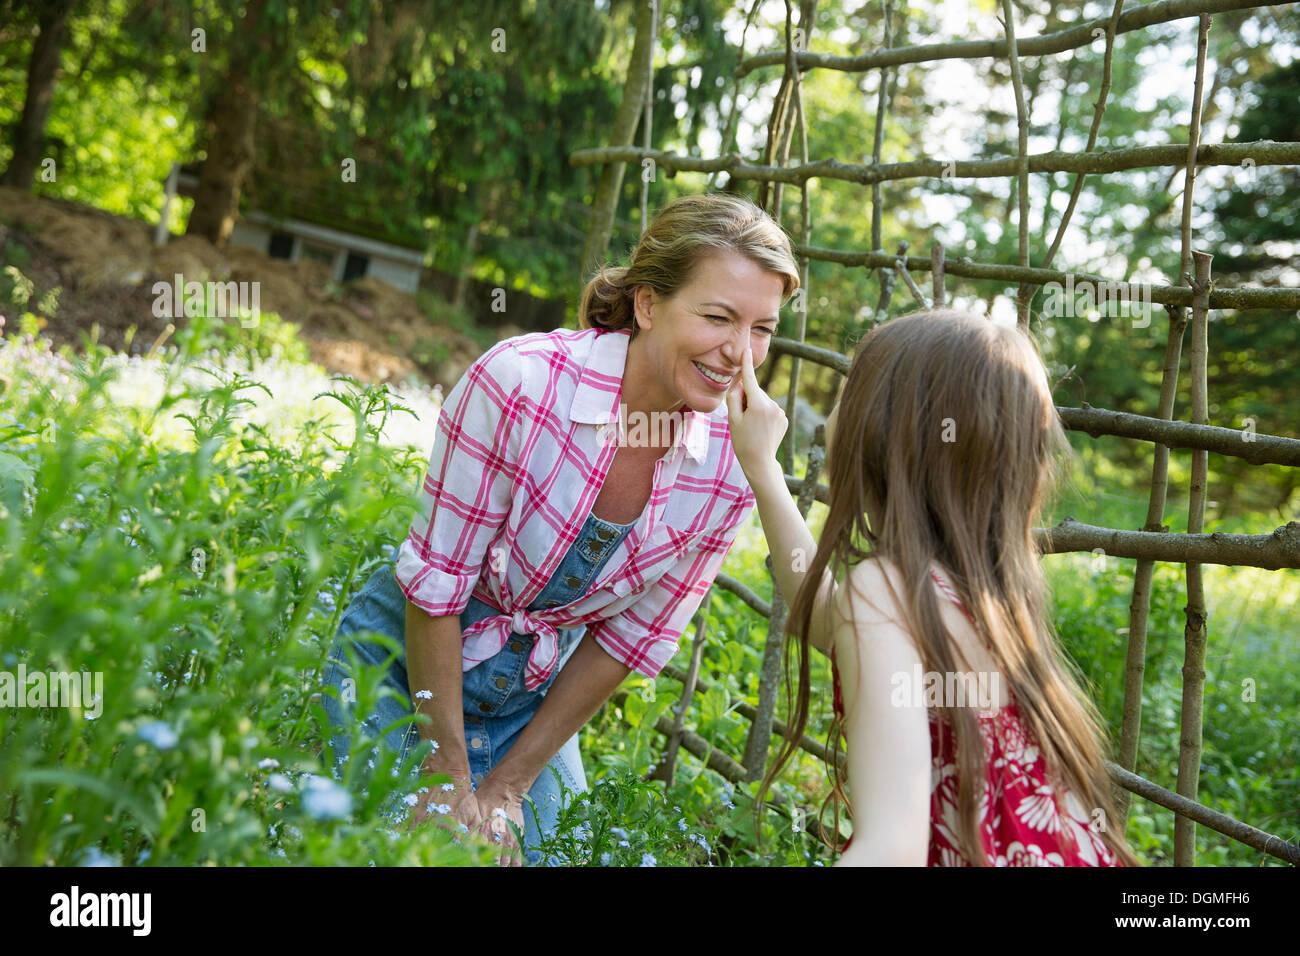 Una madre y su hija juntos en una planta de gabinete en un jardín. Plantas frondosas verdes. Un niño tocando la nariz de la mujer adulta. Imagen De Stock